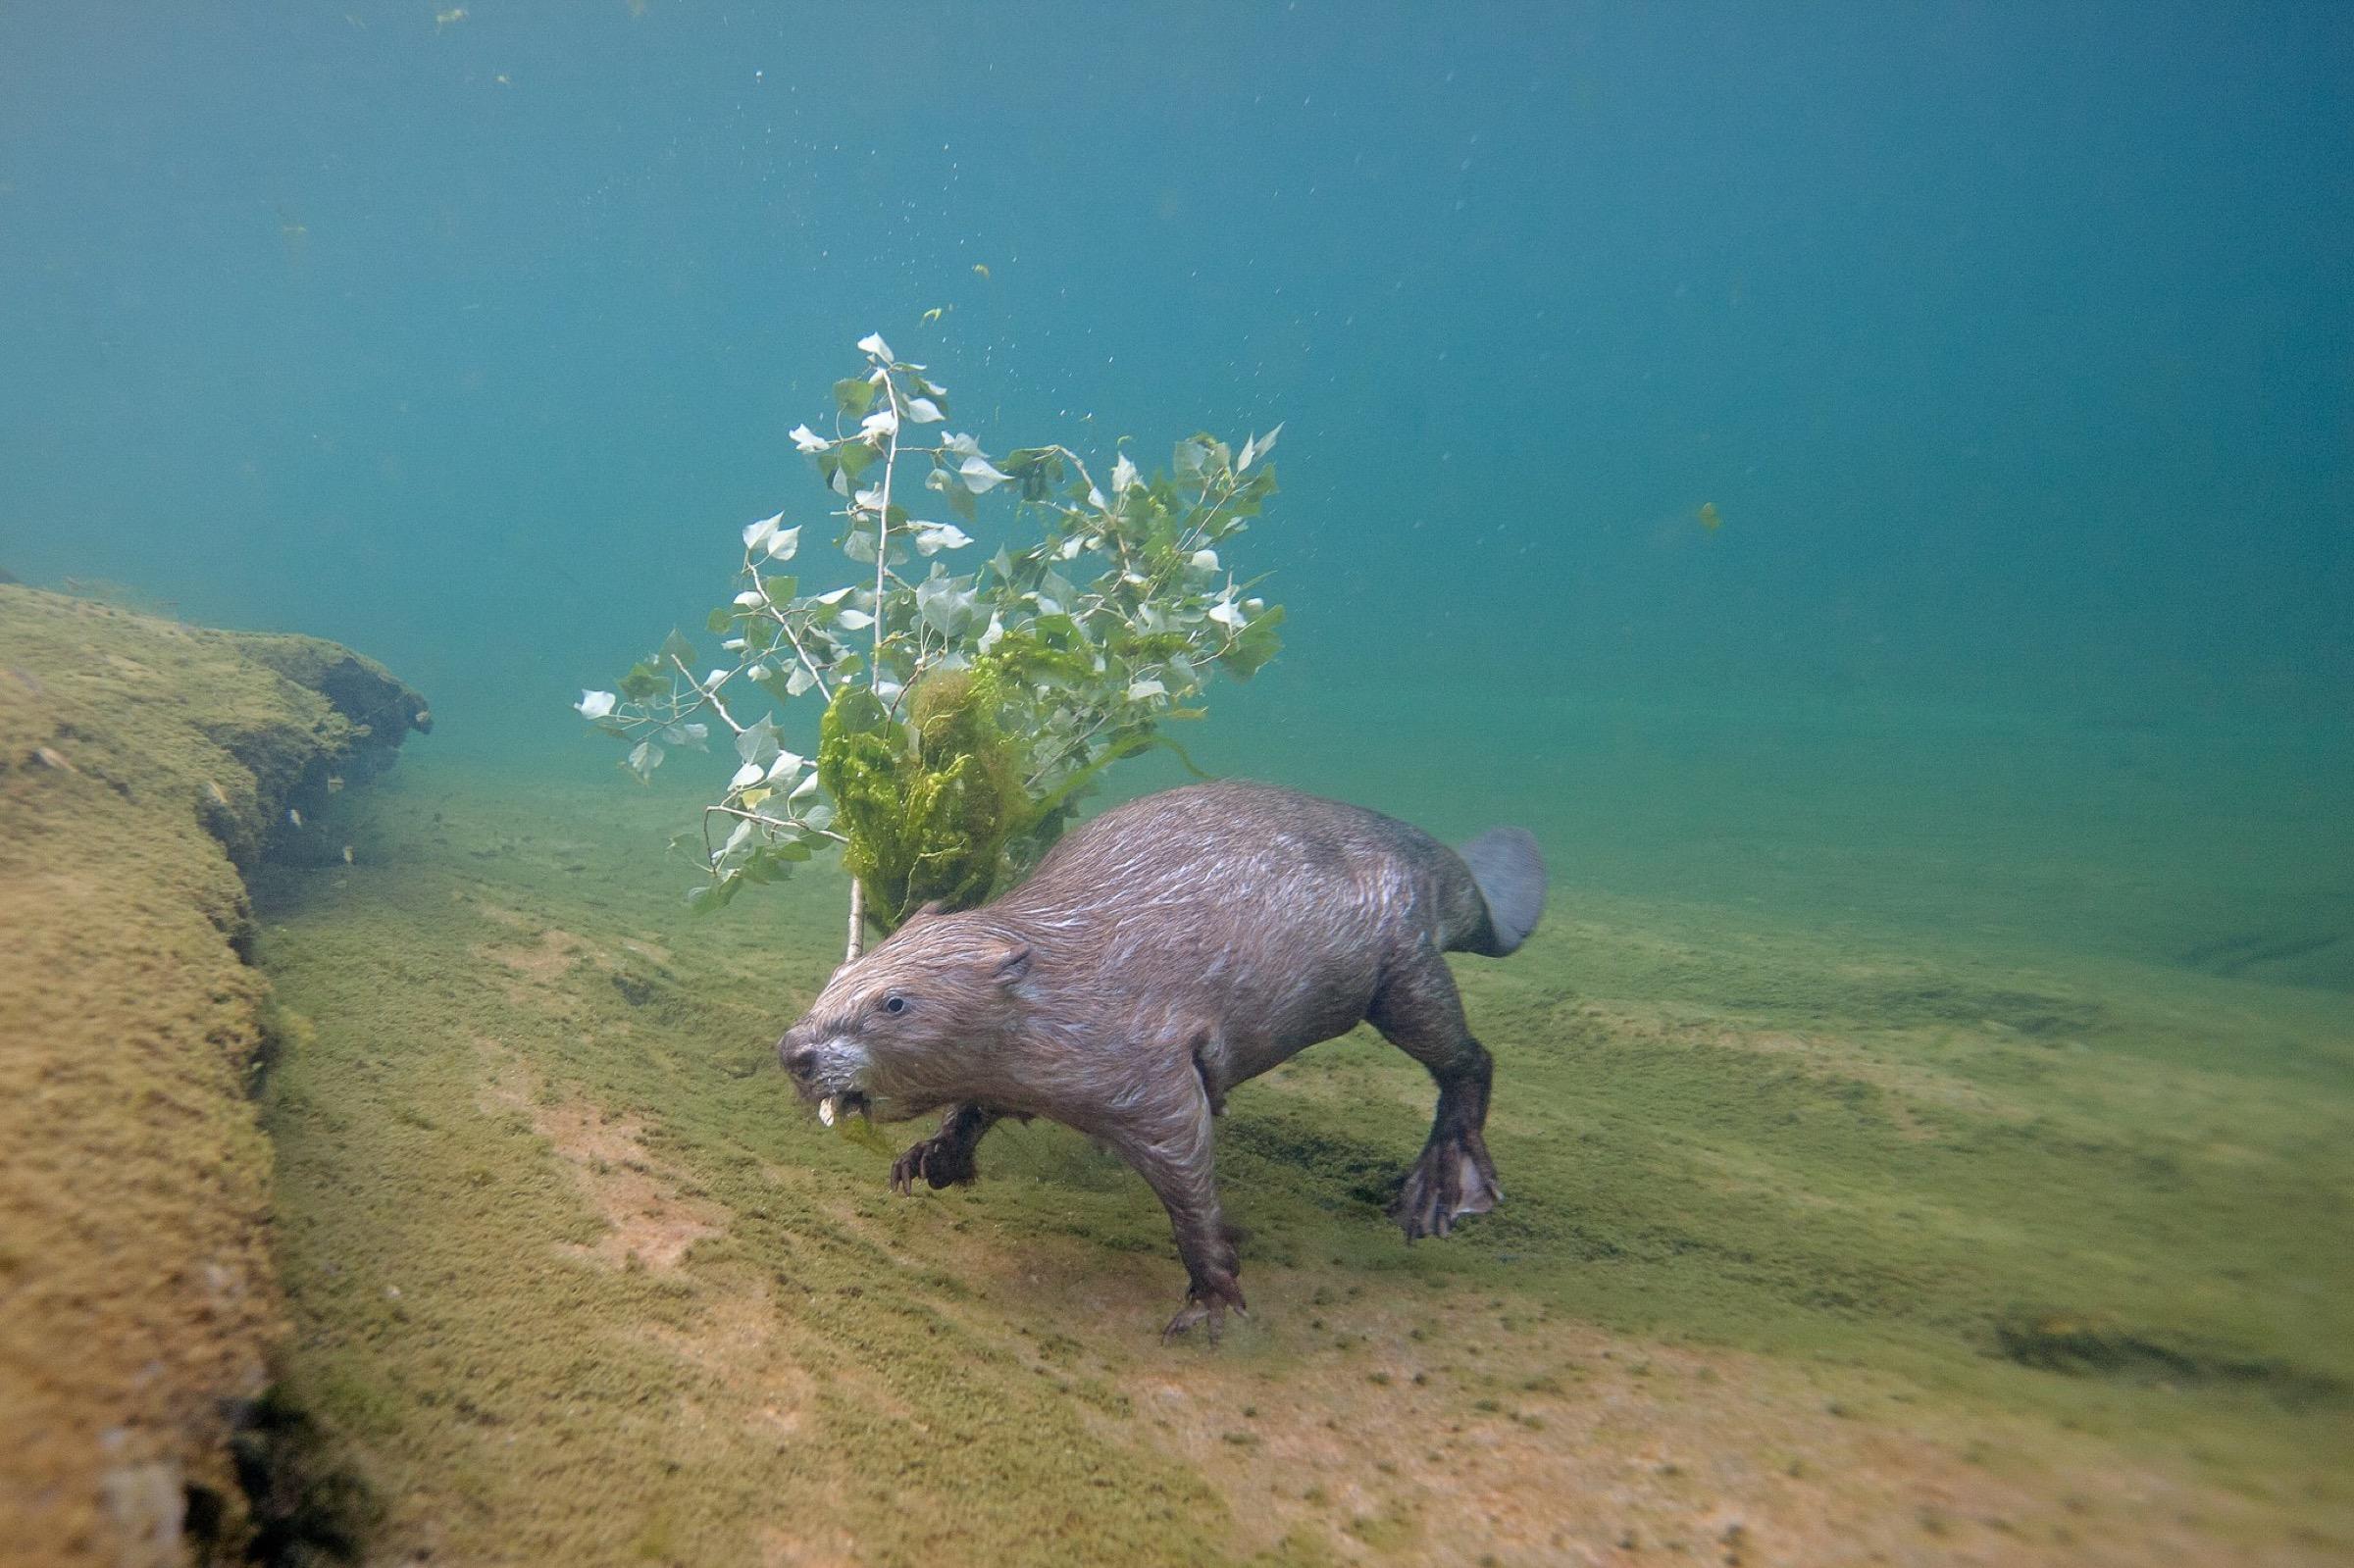 Eurasian beavers